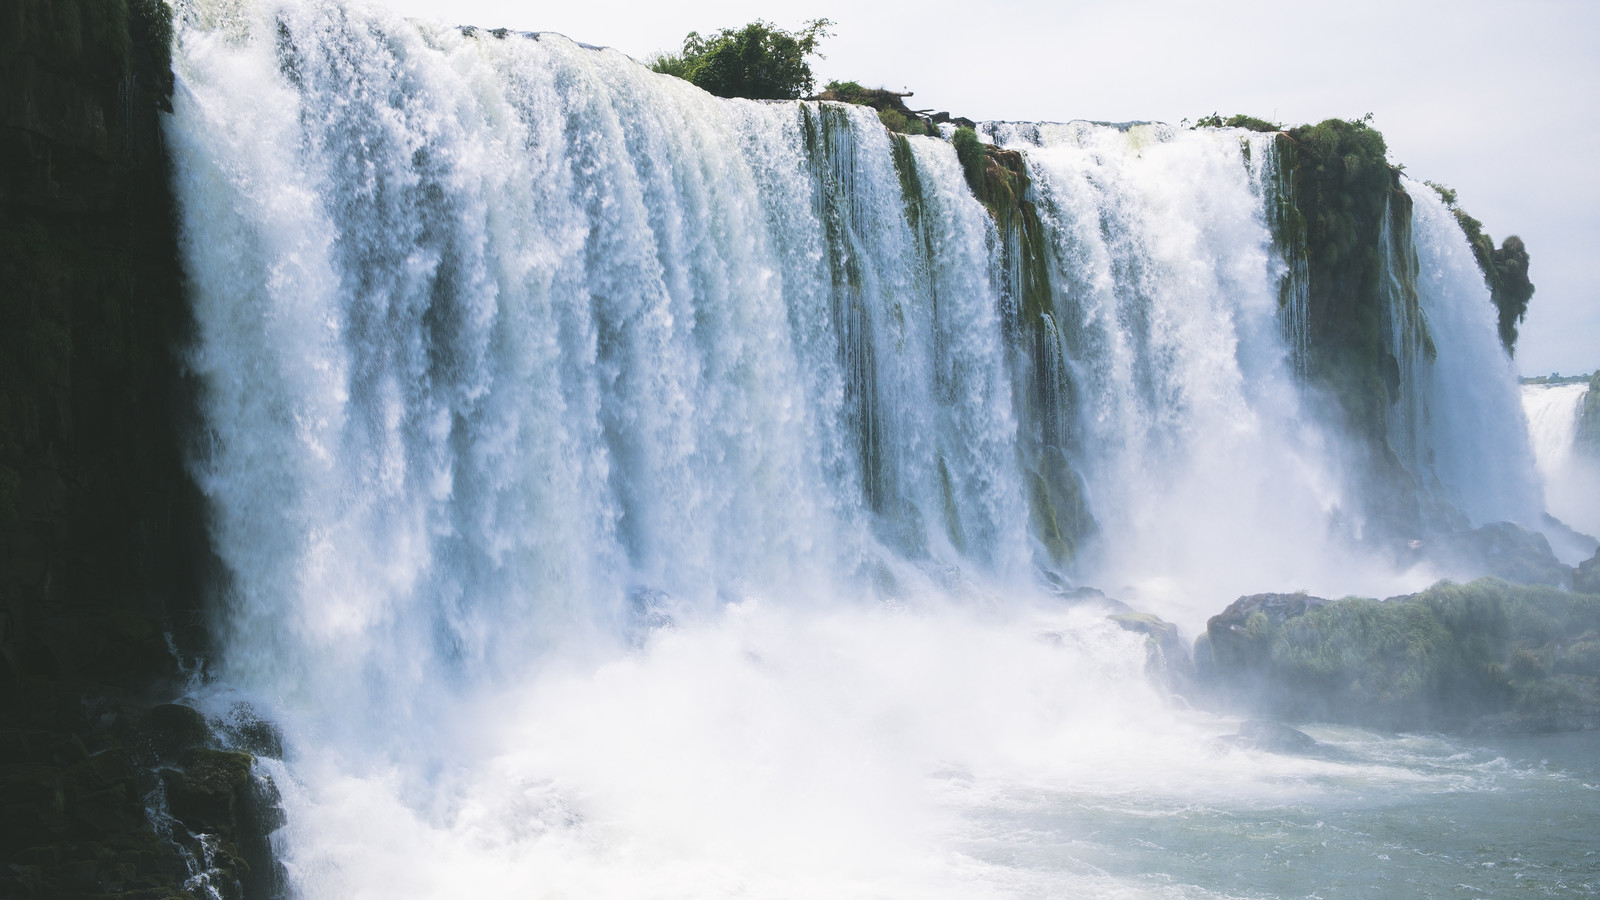 世界三大瀑布のイグアスの滝(南米大陸)のフリー素材